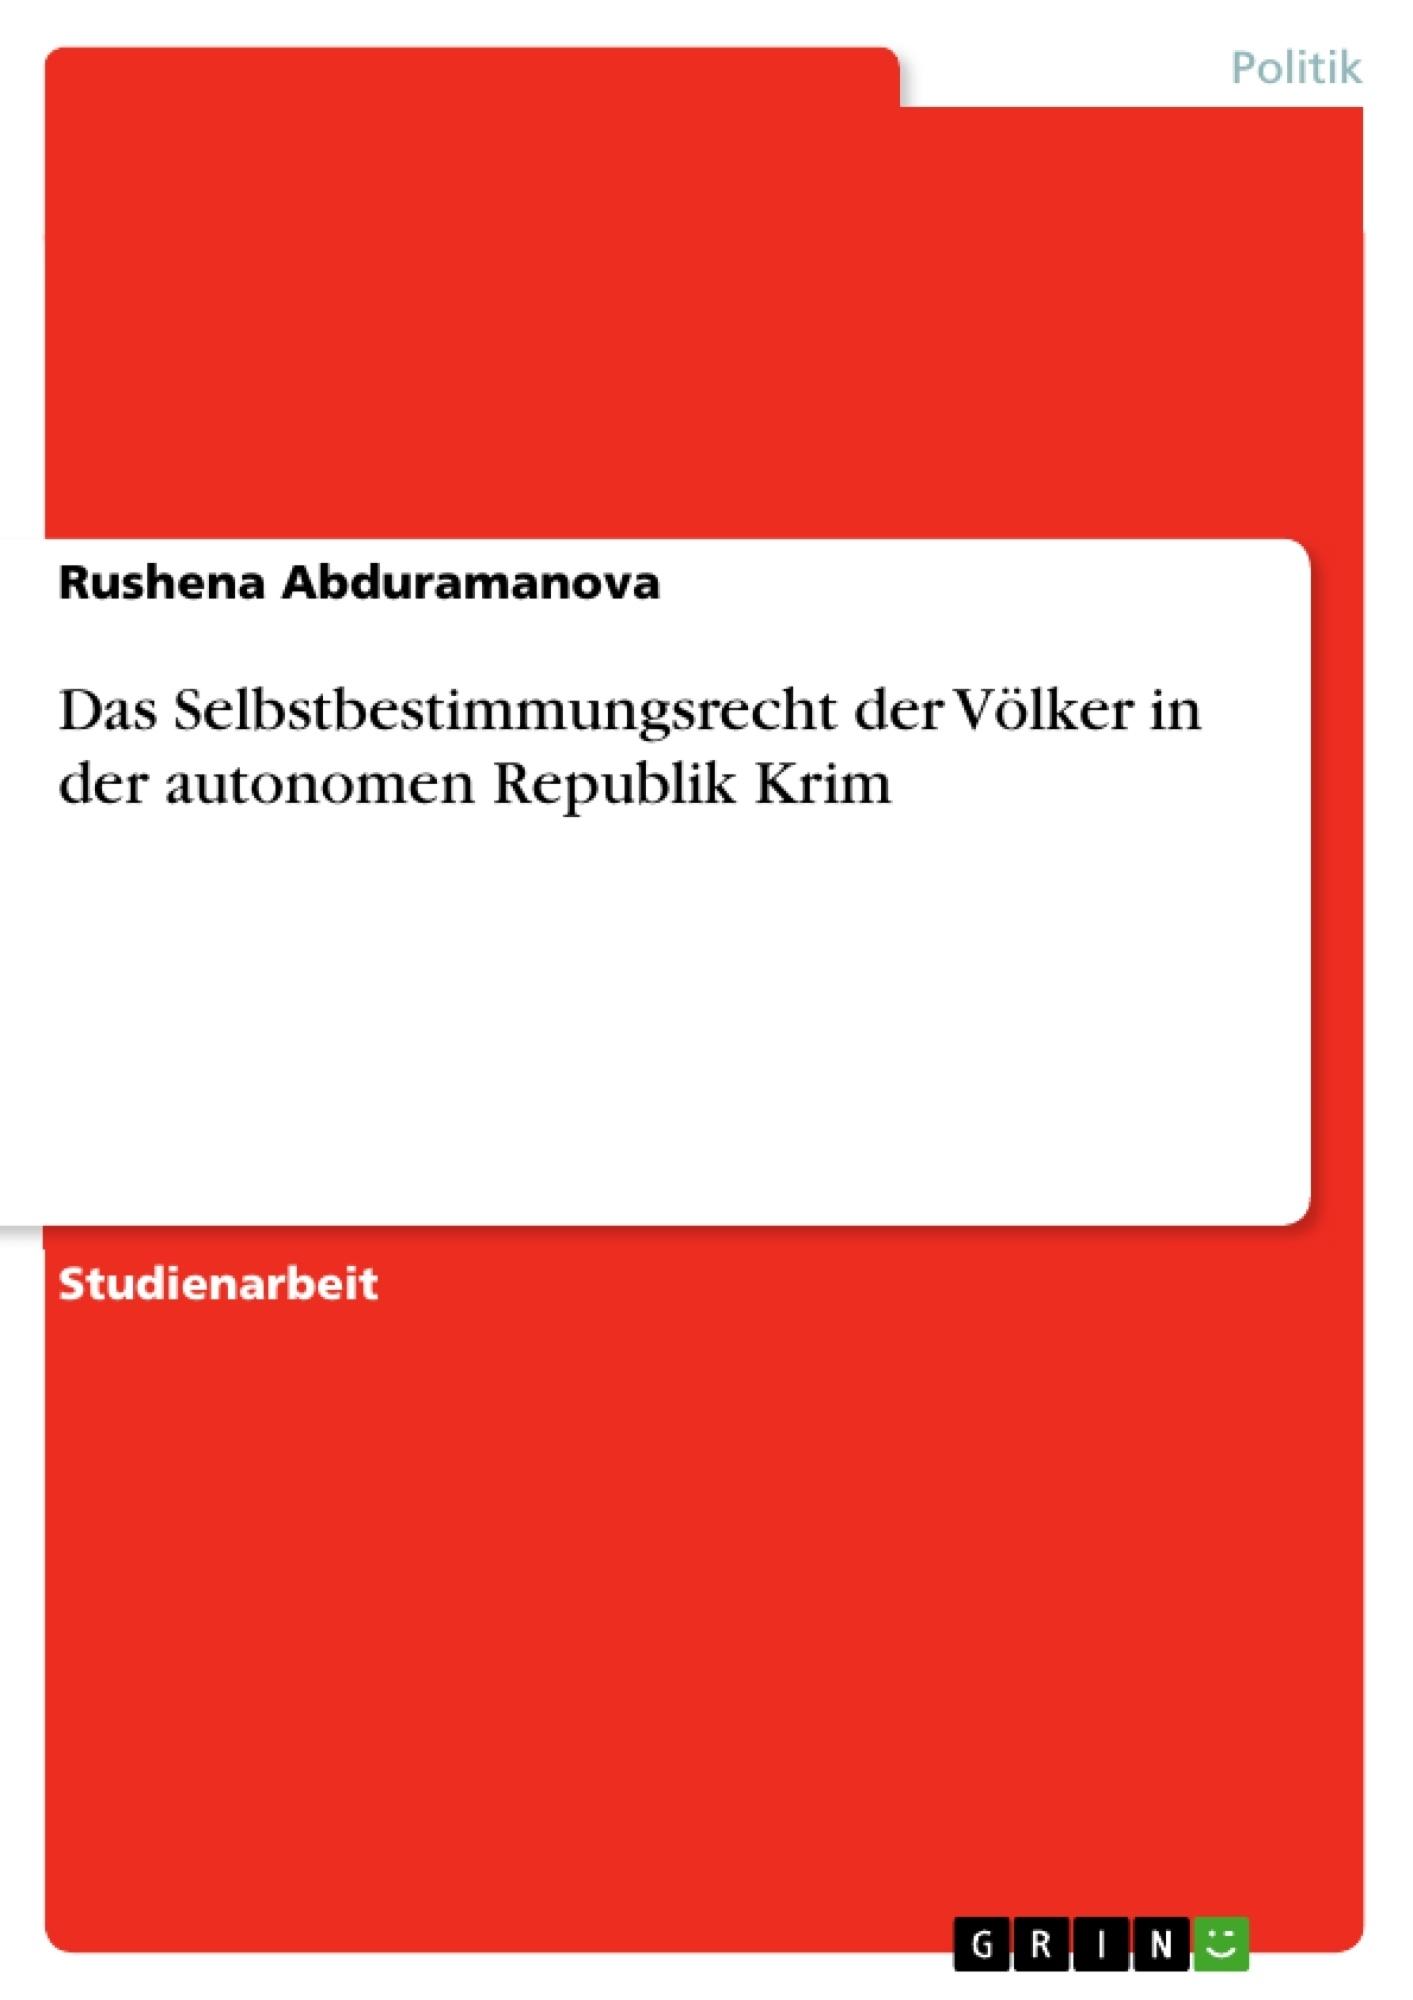 Titel: Das Selbstbestimmungsrecht der Völker in der autonomen Republik Krim